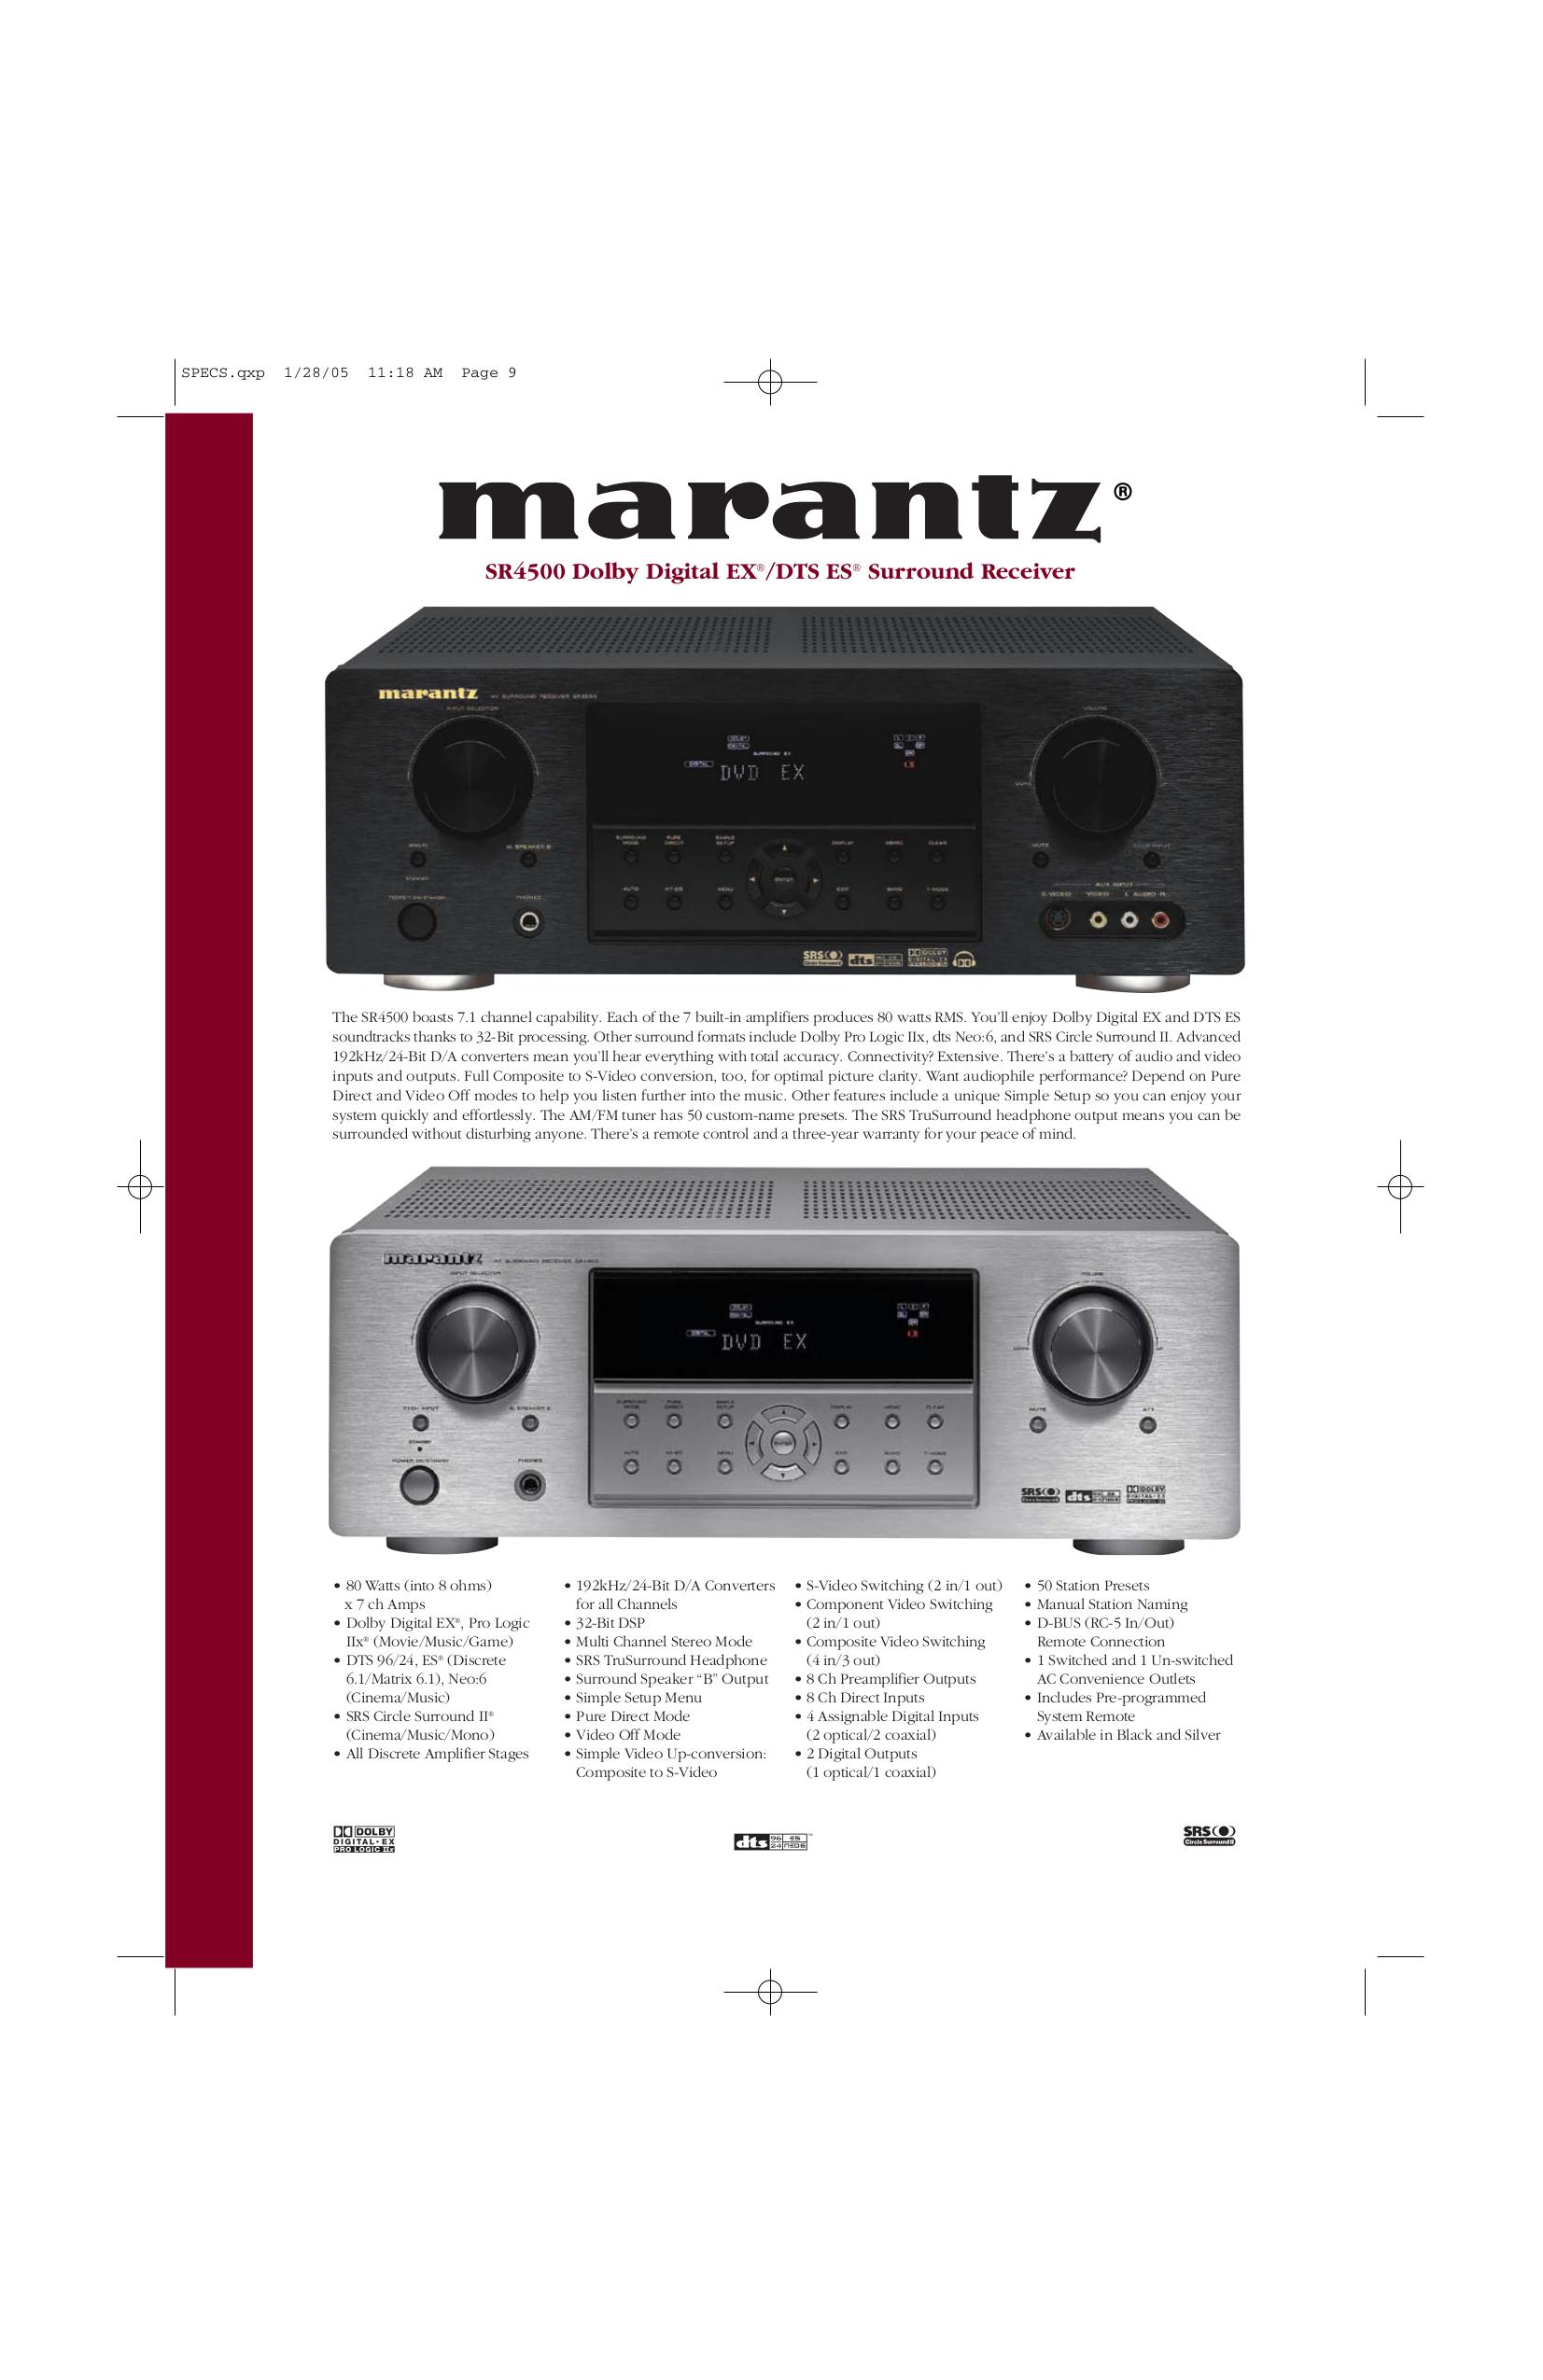 download free pdf for marantz sr4500 receiver manual rh umlib com Marantz Receivers Best Marantz Receiver Ever Made